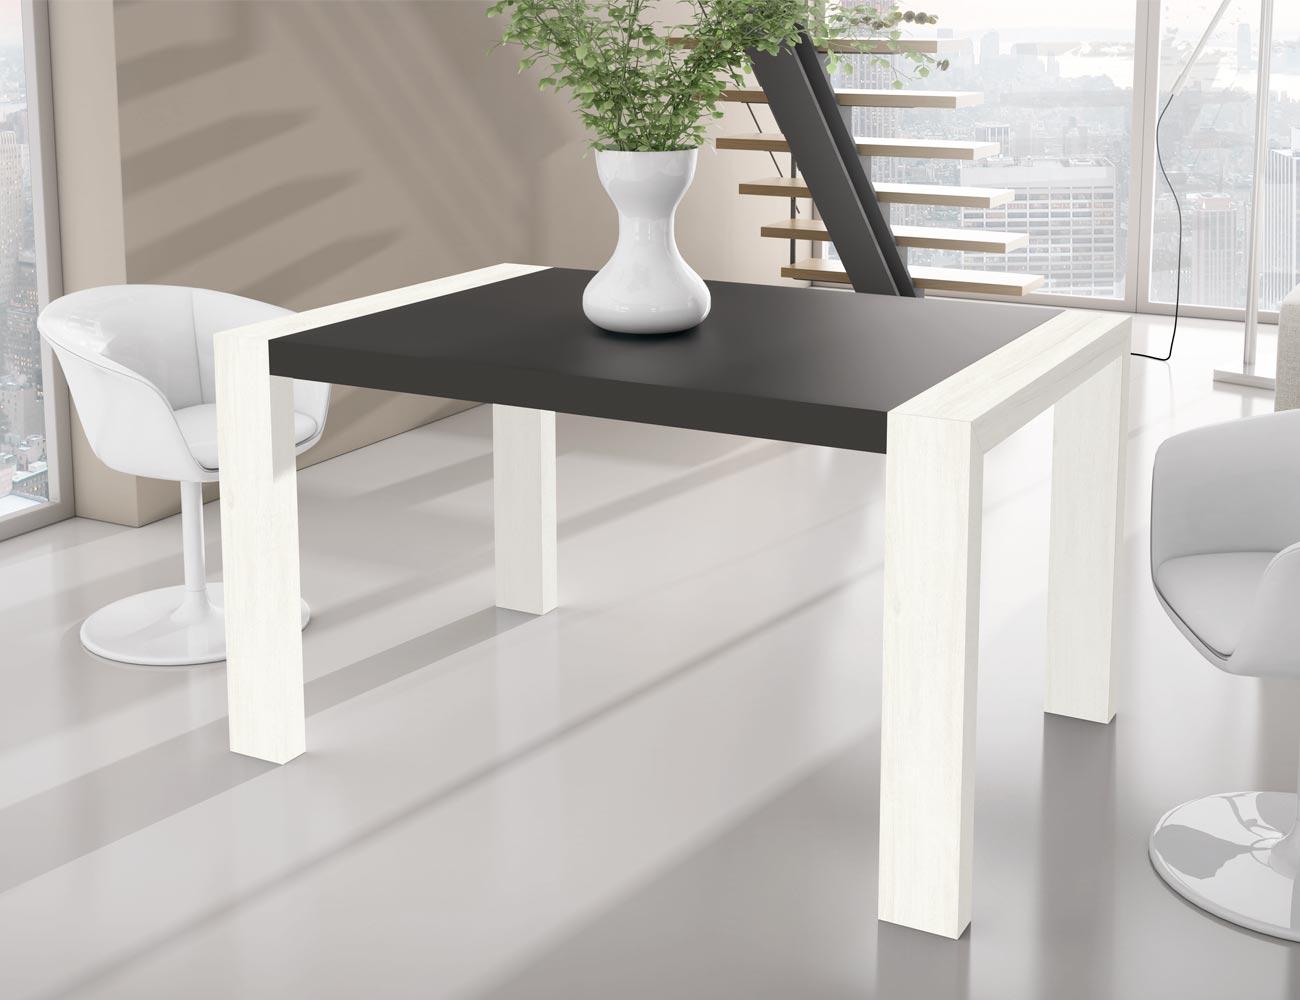 Mesa de comedor extensible rectangular tipo porter a for Mesa rectangular extensible